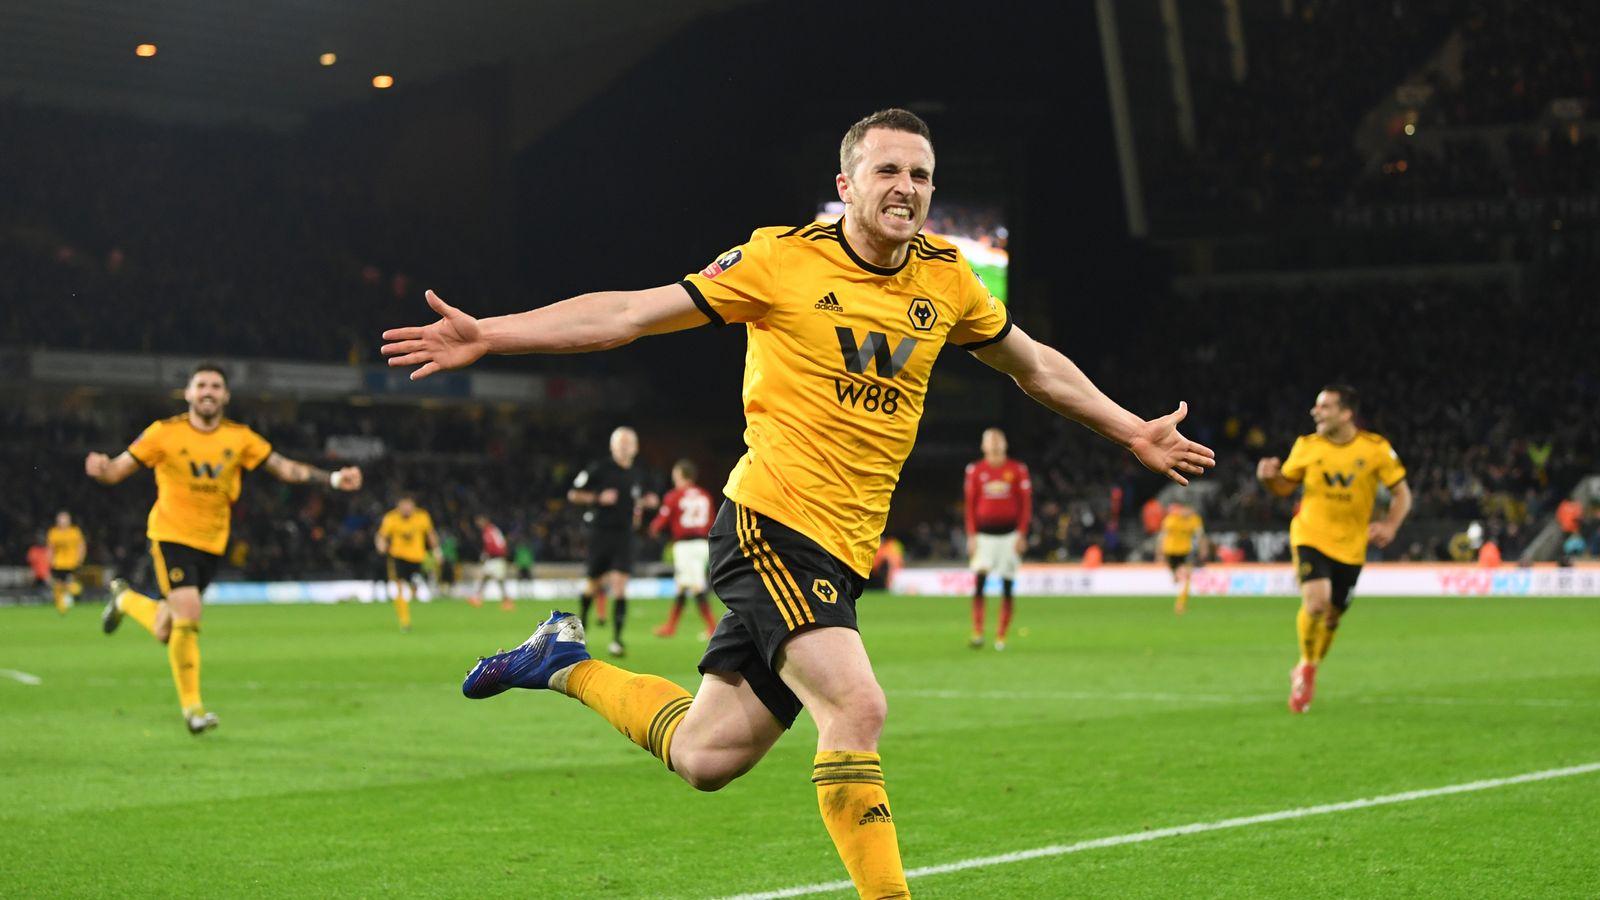 Wolves 2 - 1 Man Utd - Match Report & Highlights